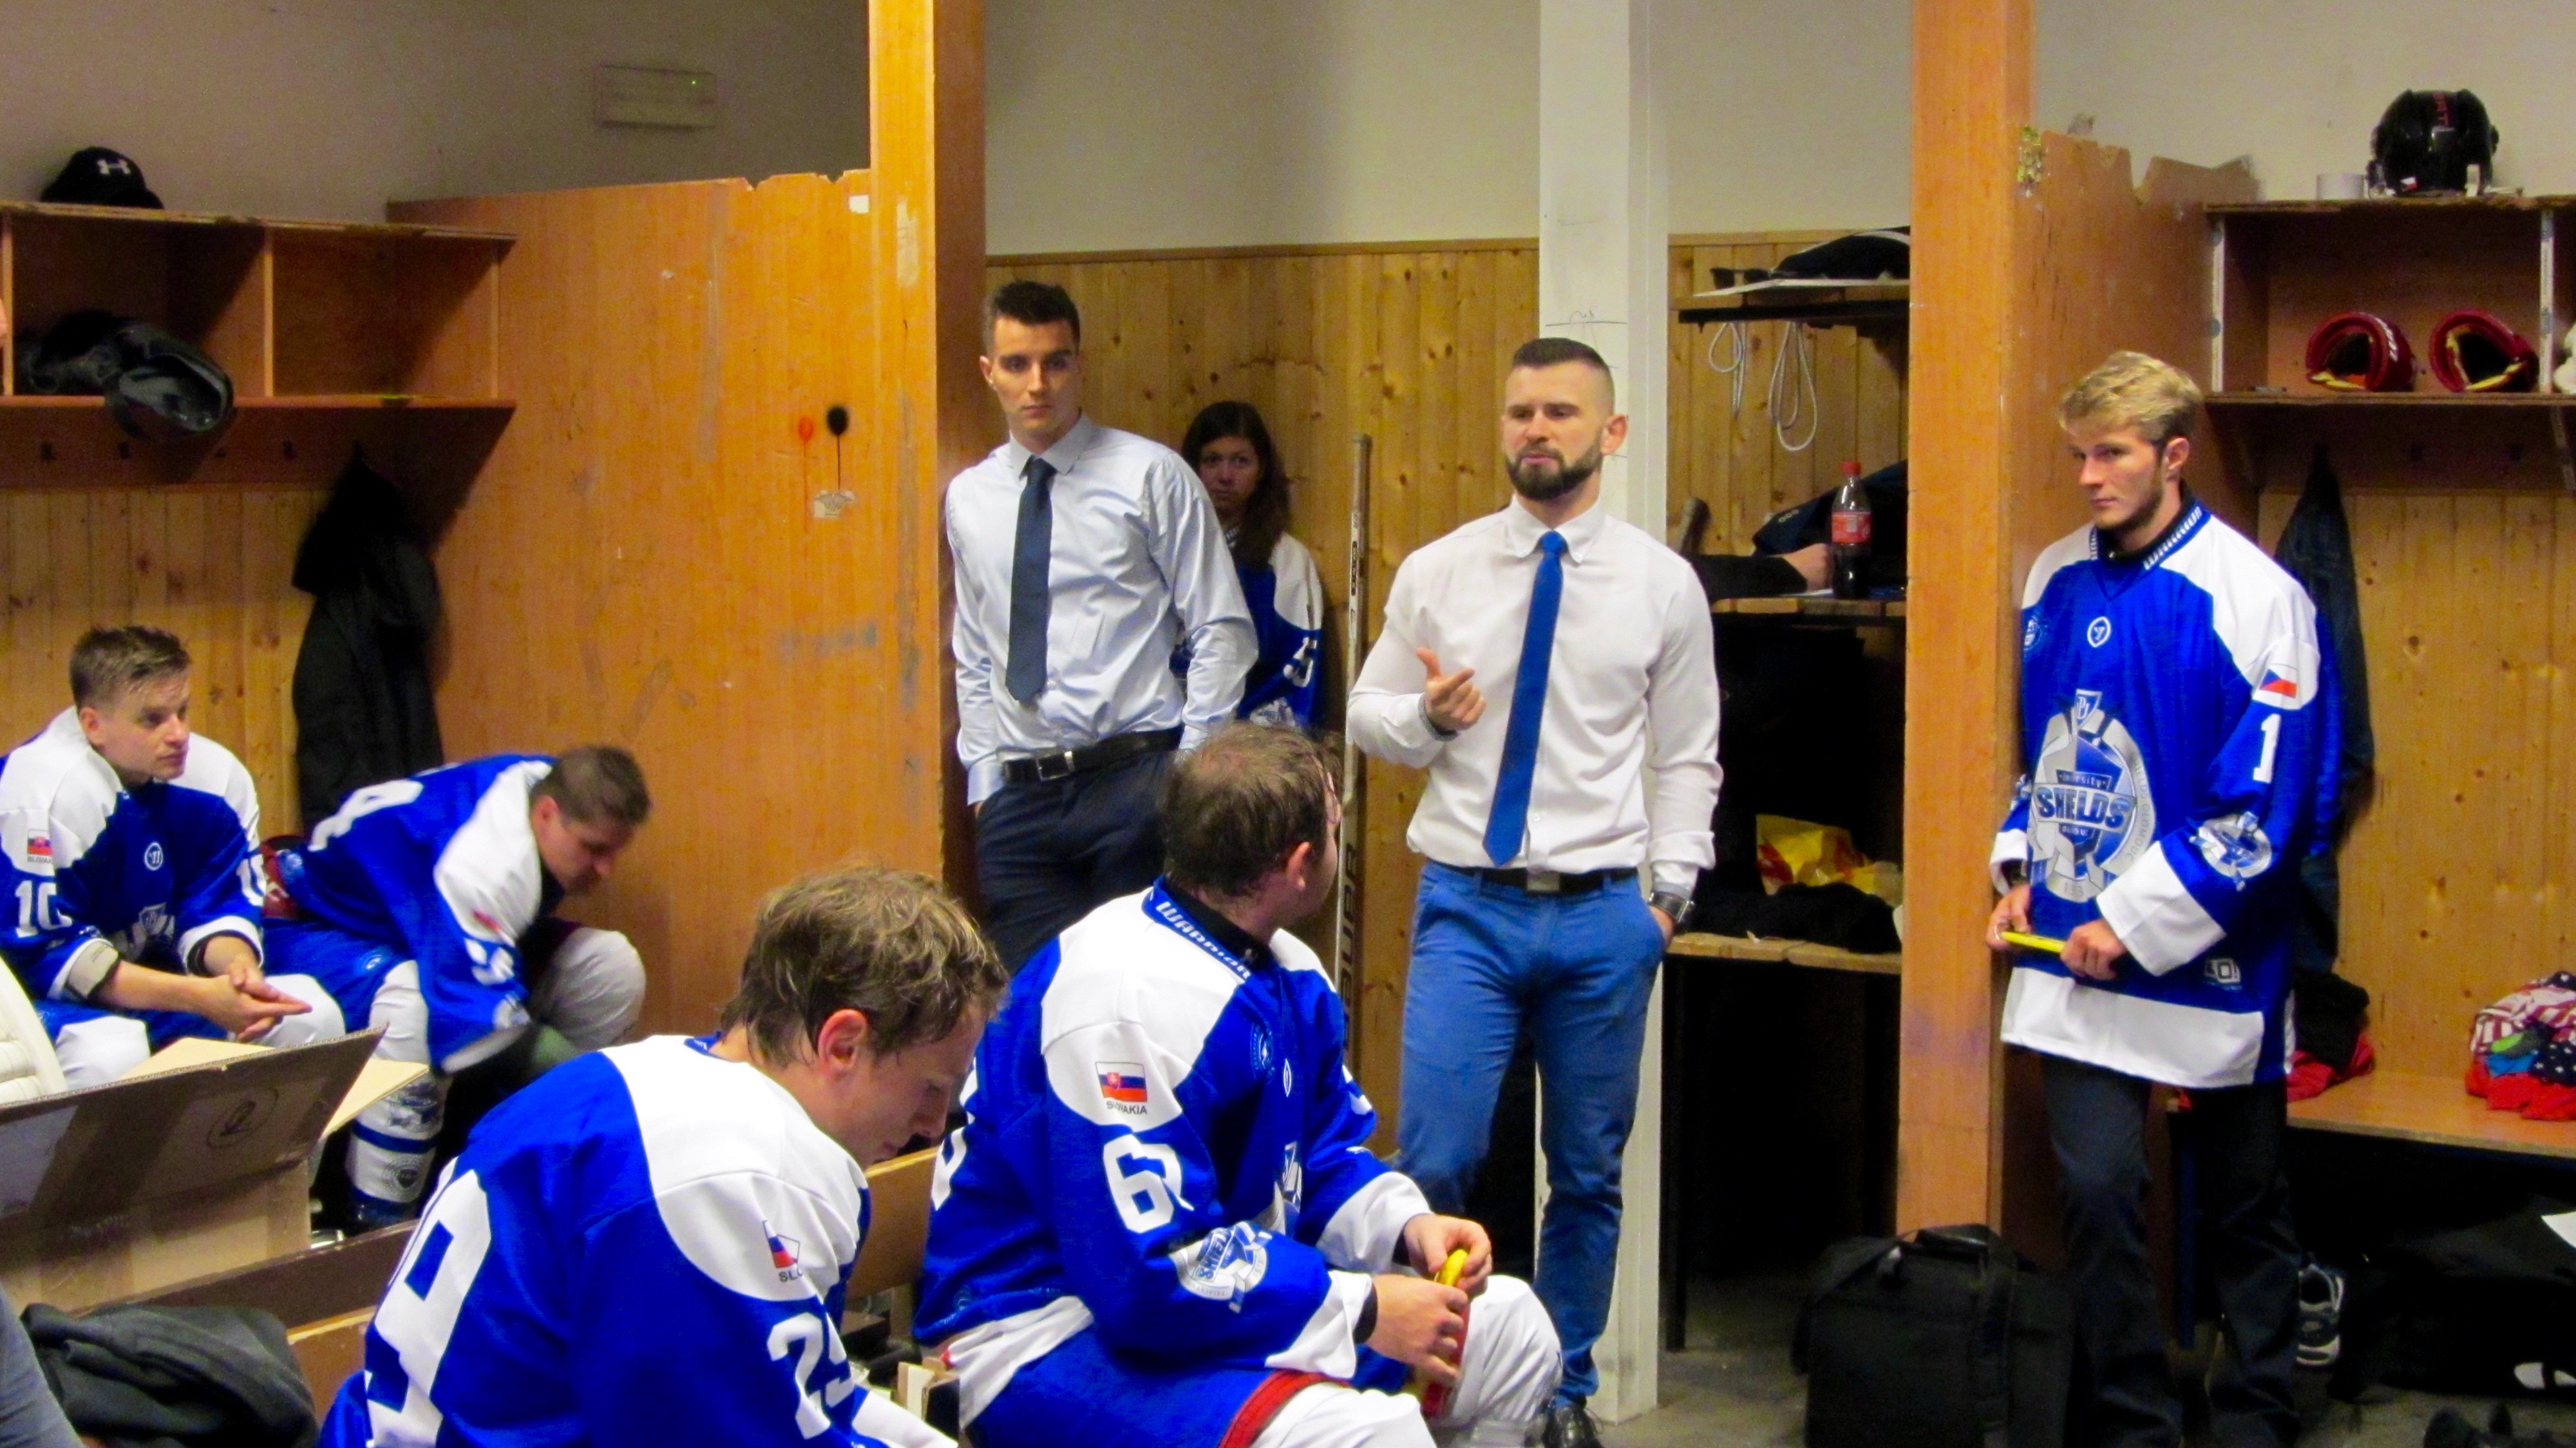 Zájem o Shields byl velký. Vybrat hráče bylo těžké, říká před startem EUHL trenér Radim Zbránek